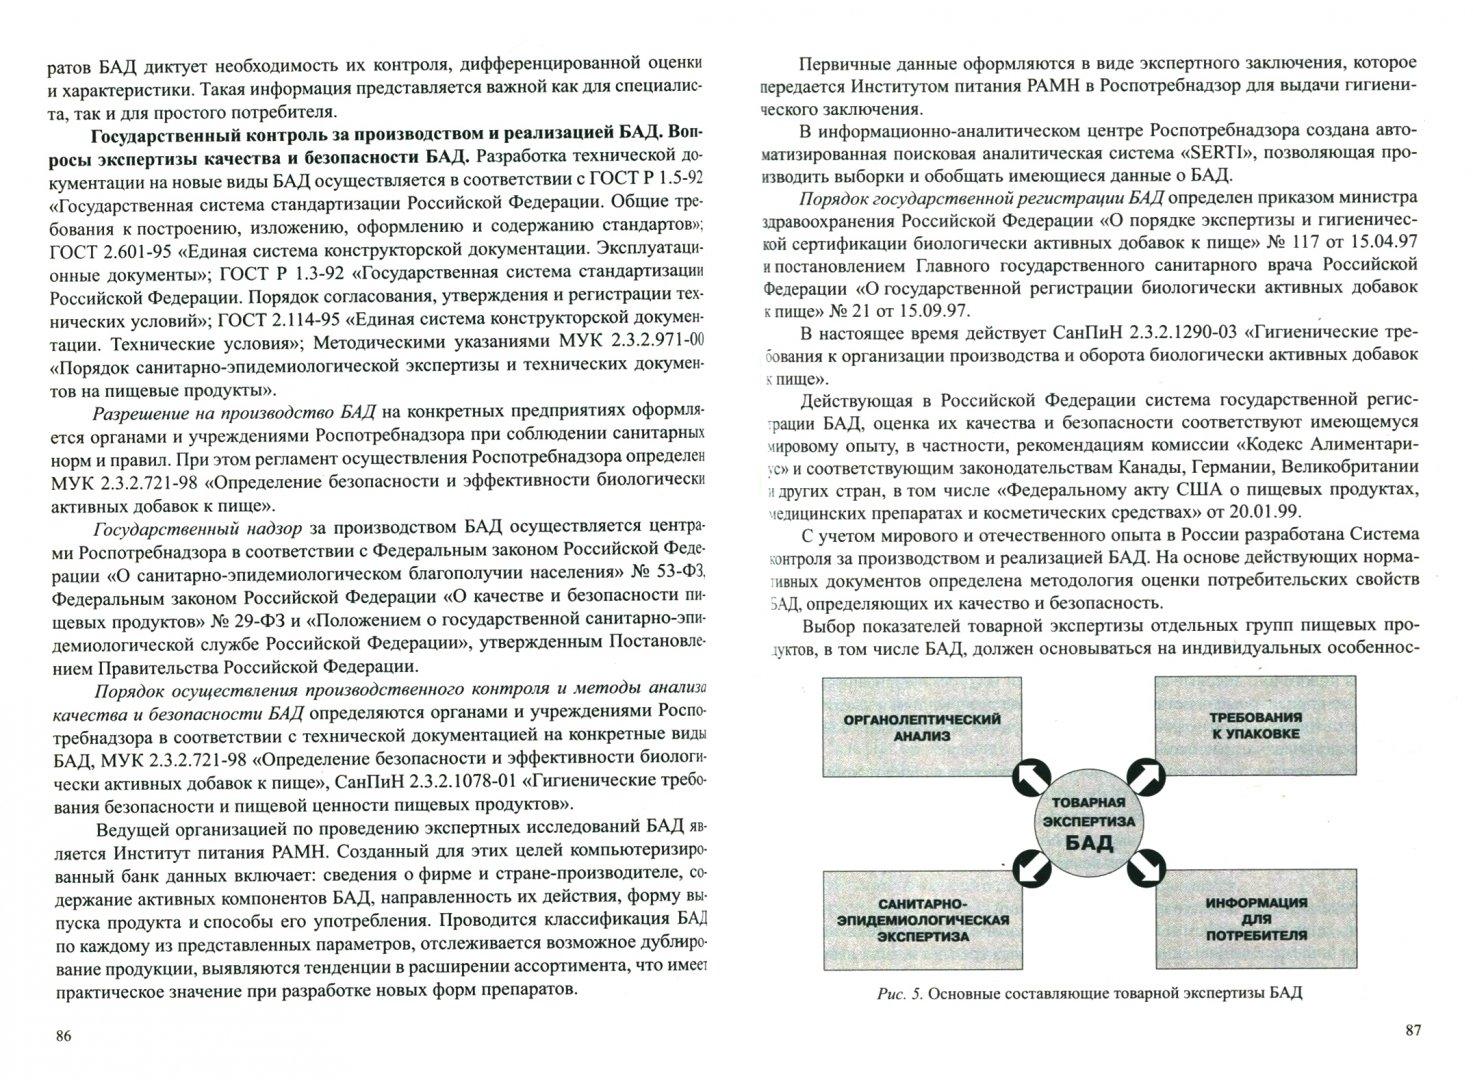 Иллюстрация 1 из 16 для Гигиенические основы питания, качество и безопасность пищевых продуктов. Учебник - Валерий Позняковский   Лабиринт - книги. Источник: Лабиринт